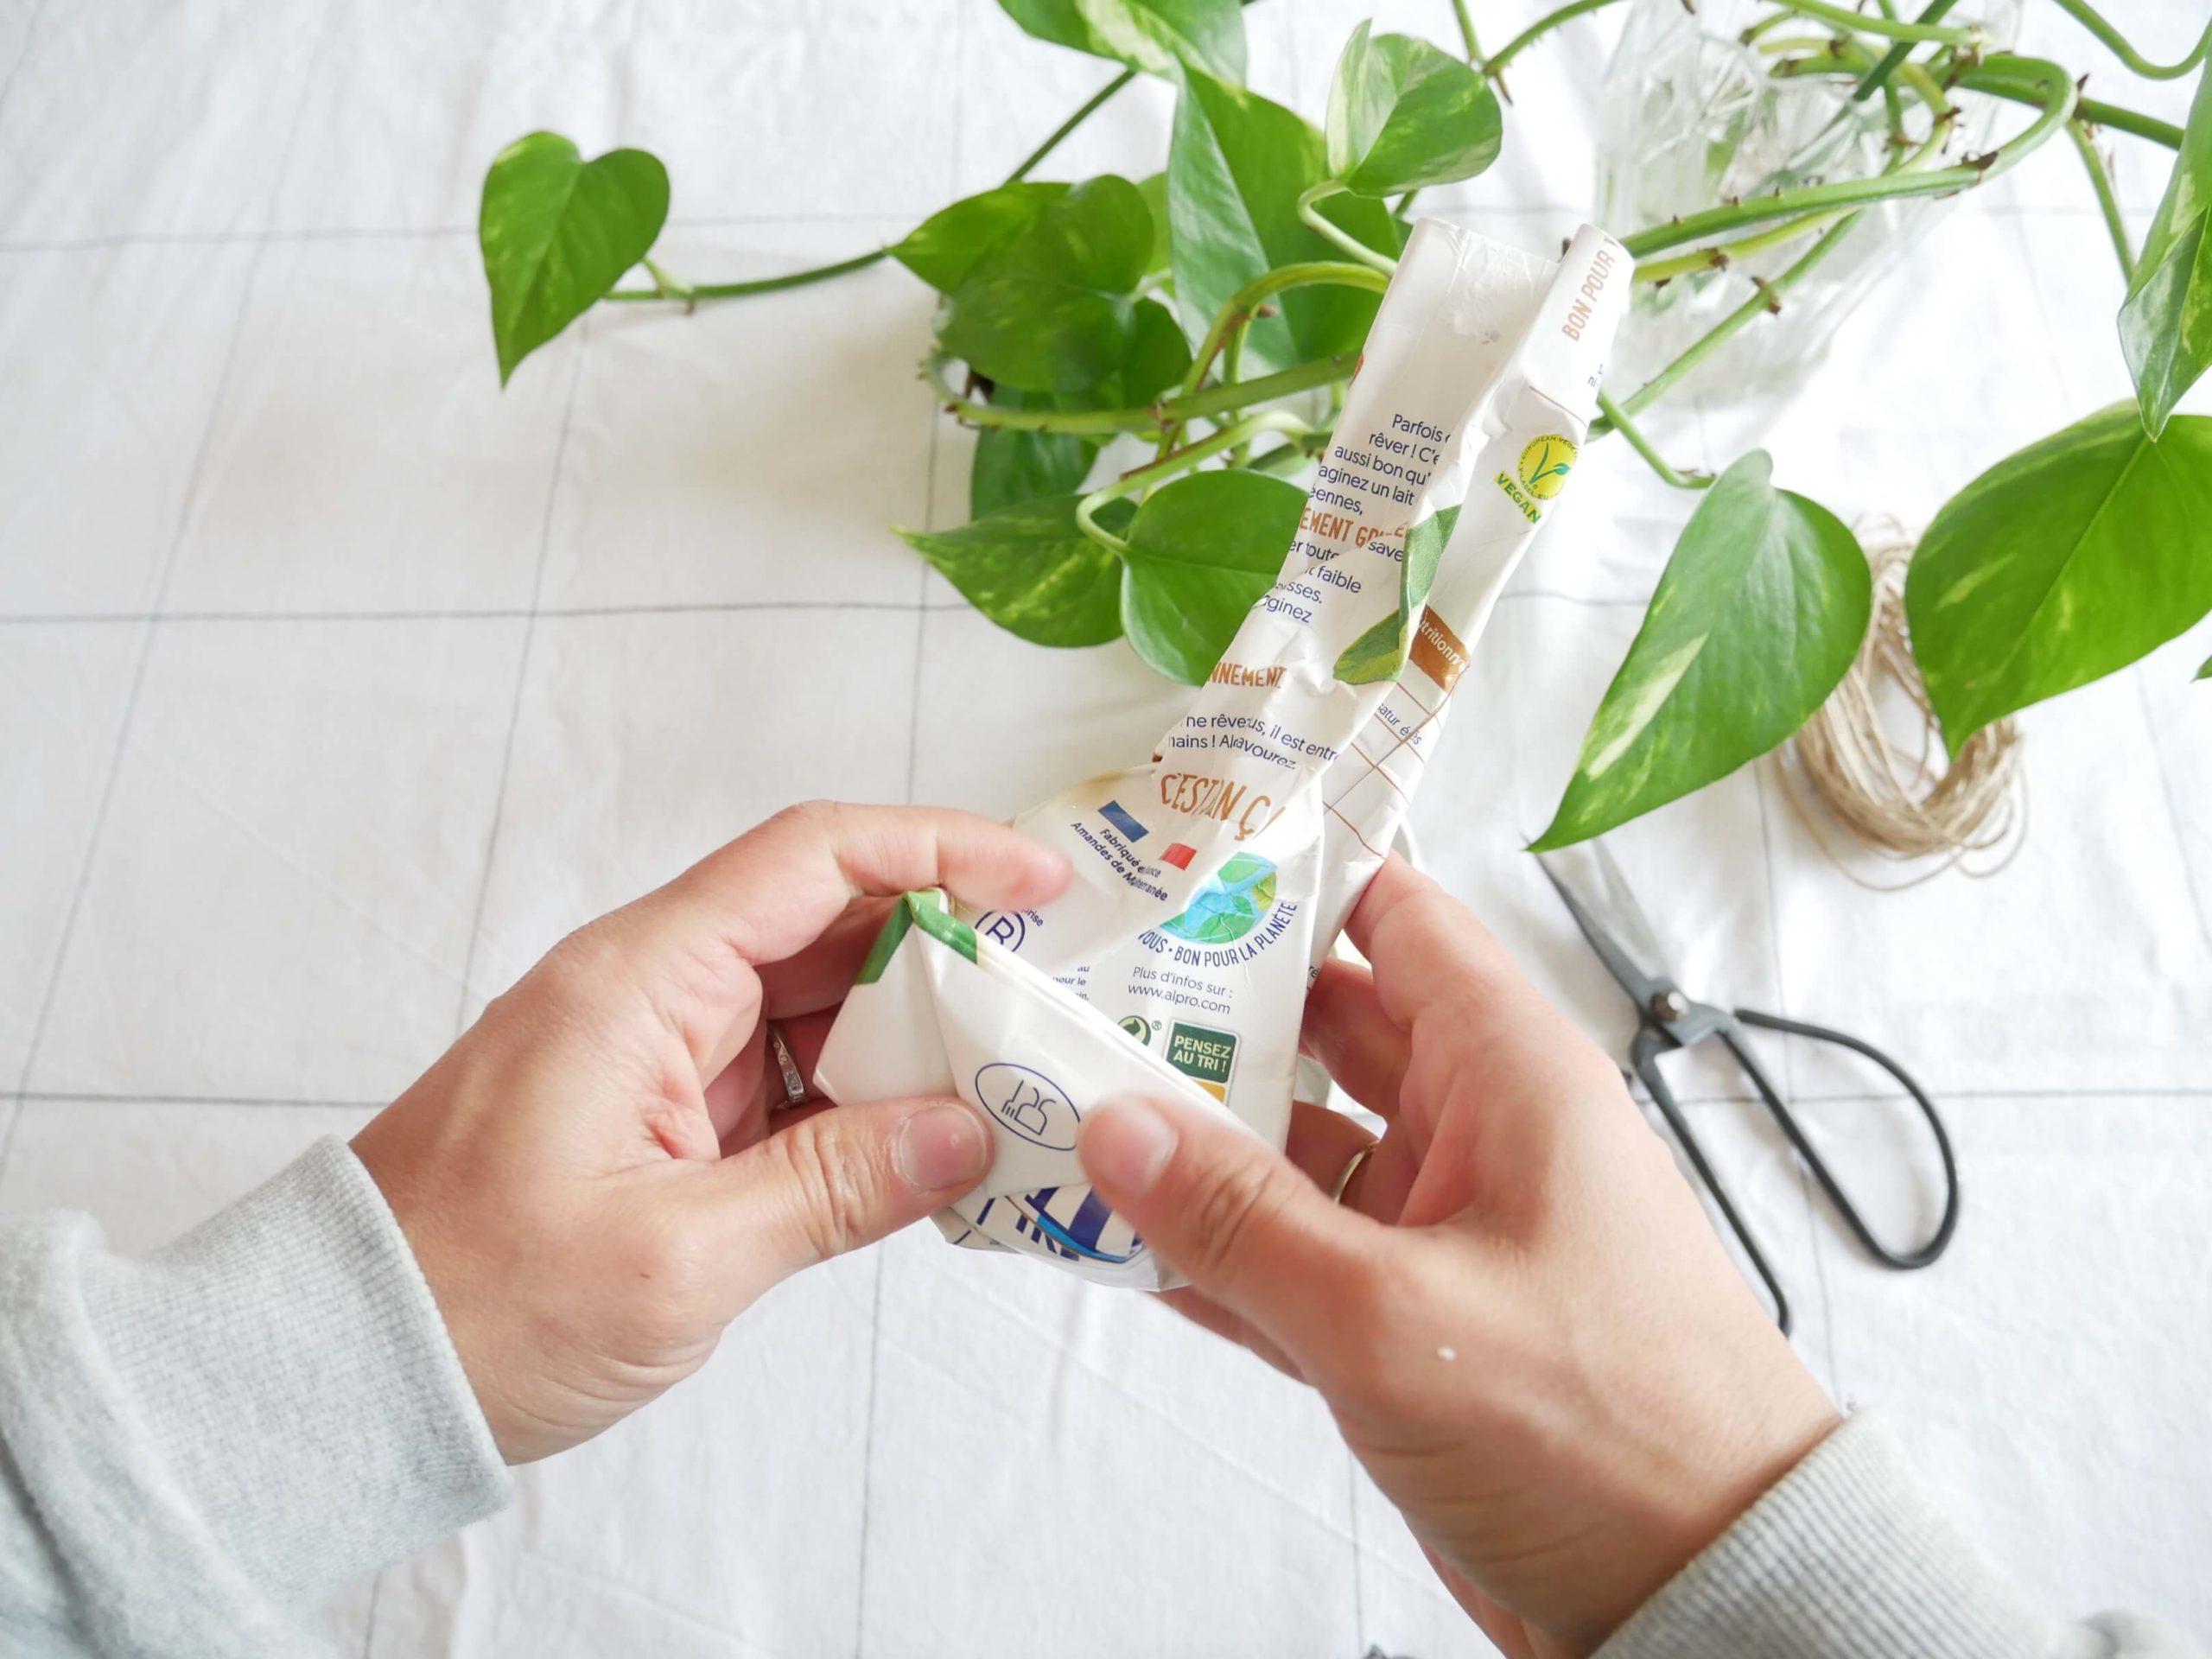 tutoriel-recyclage-principe6-lesateliersdangelique-auboulotcocotte